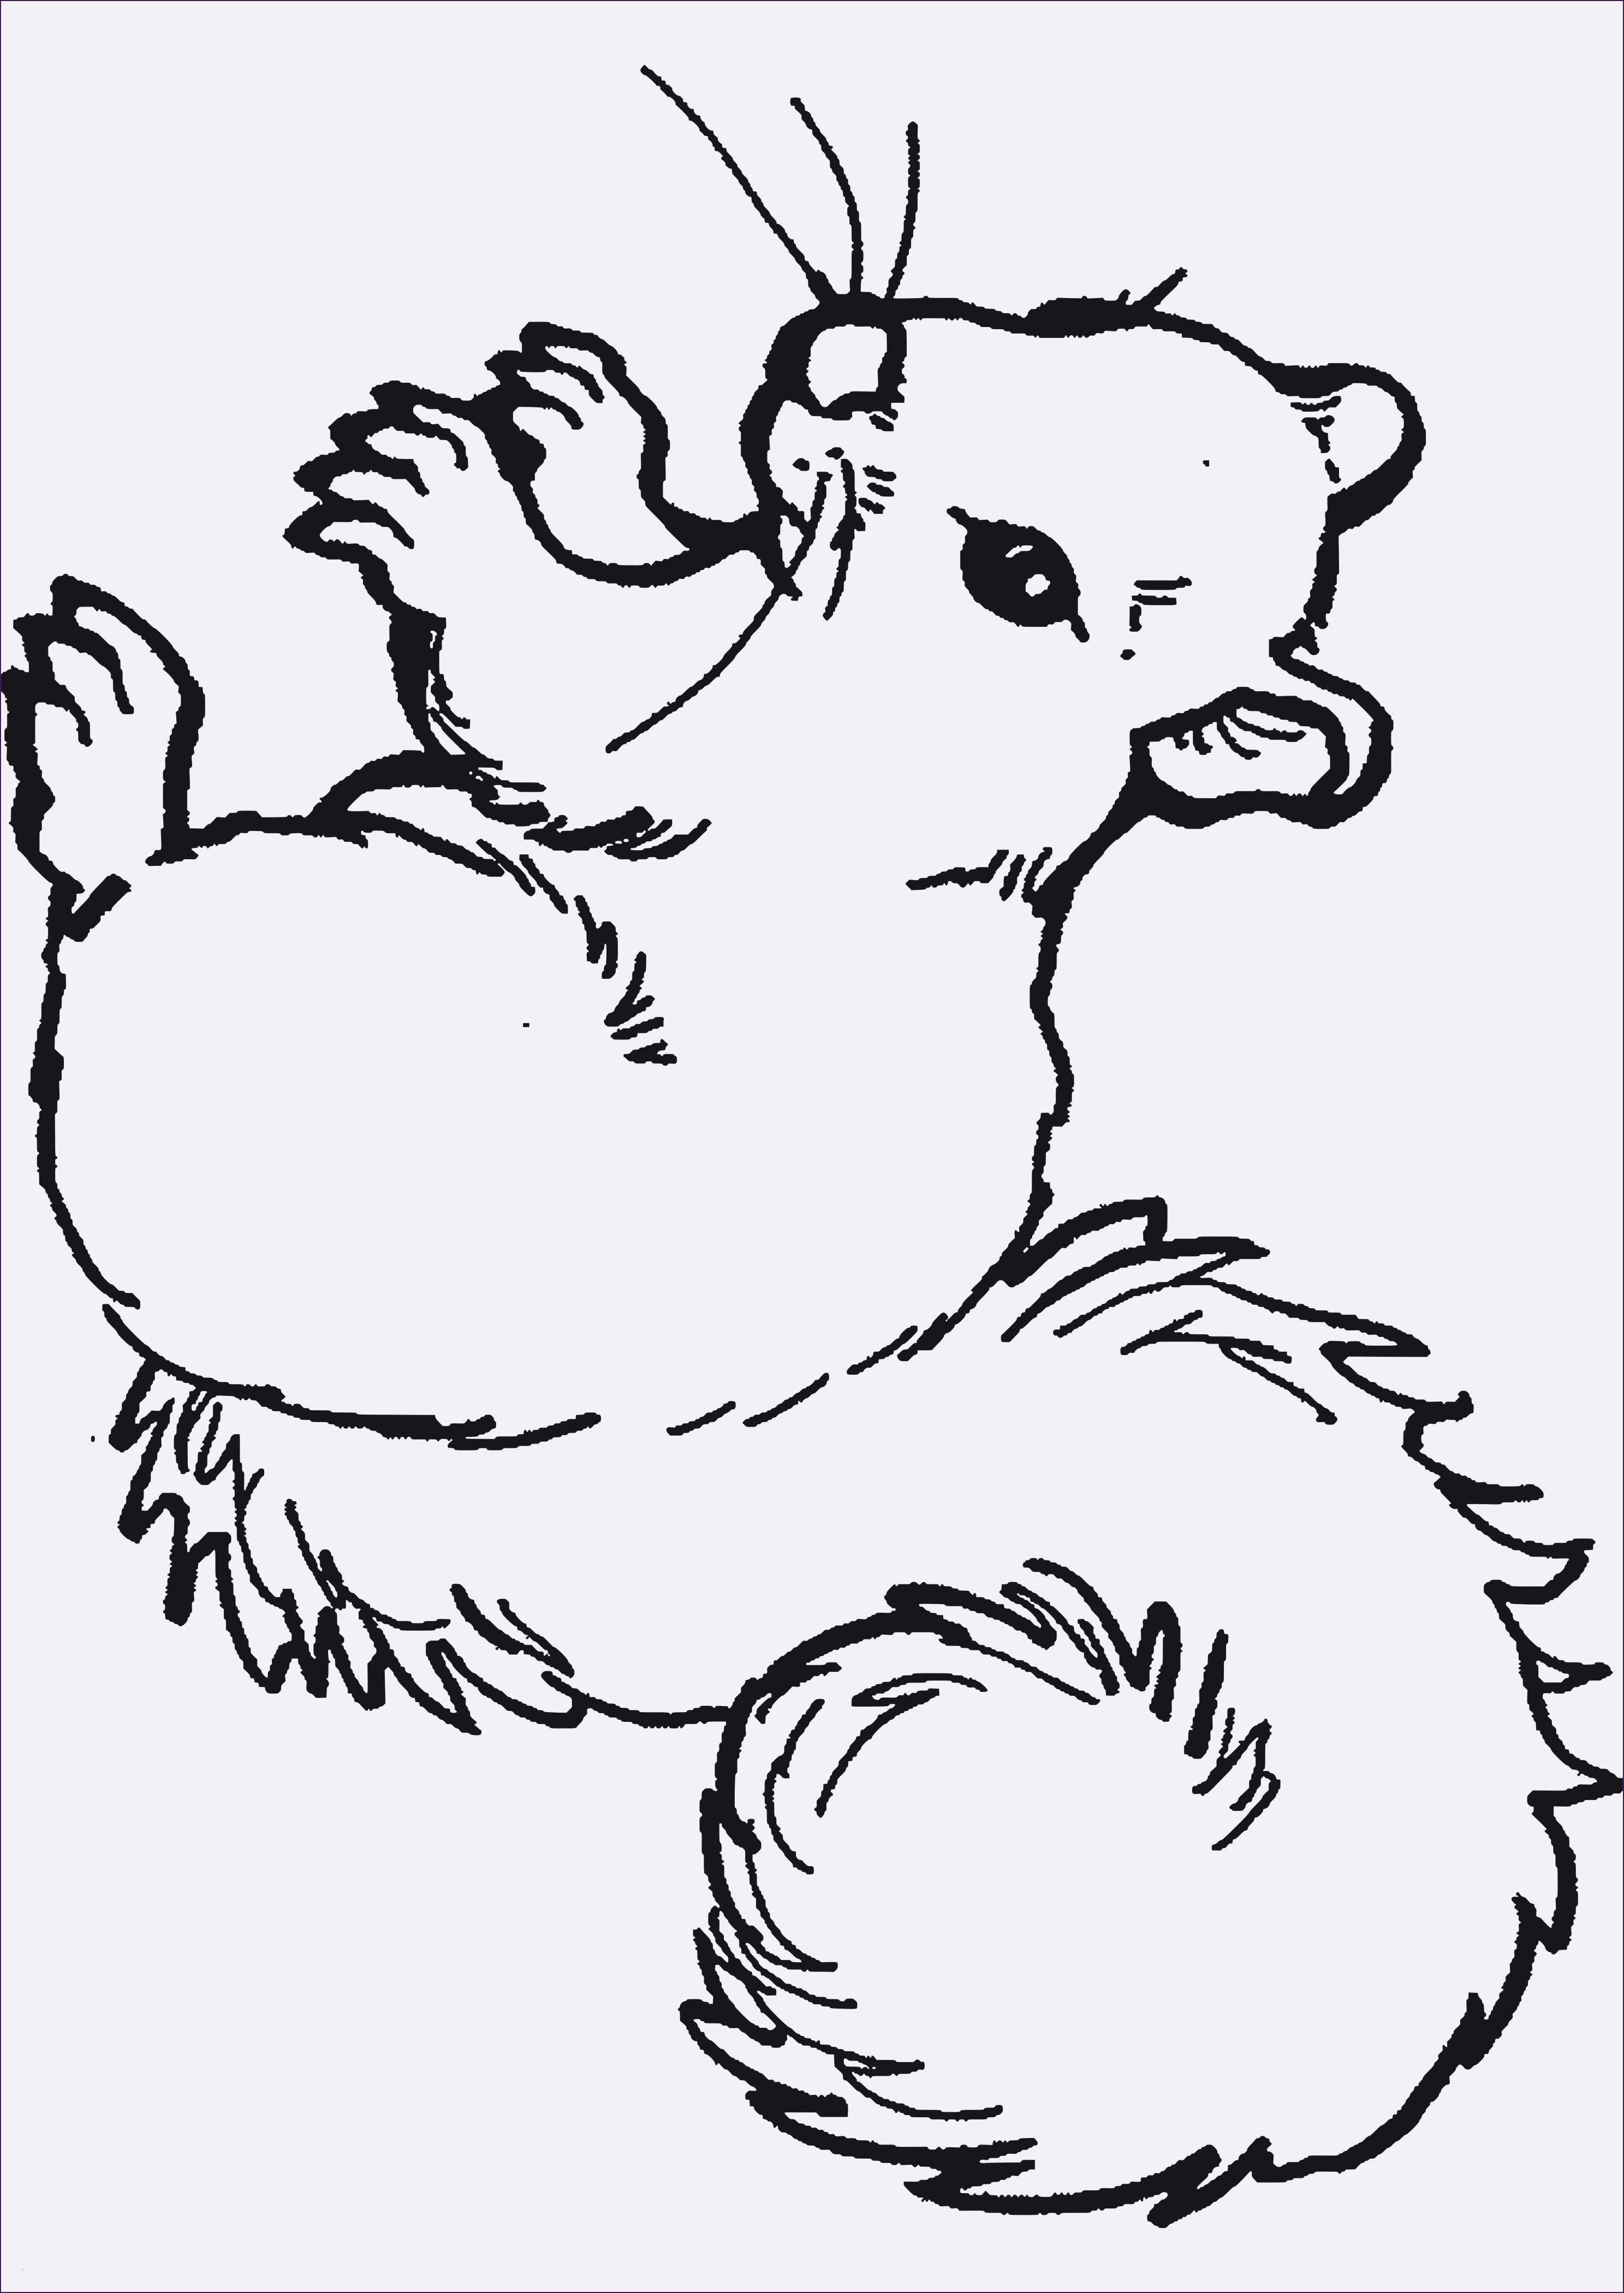 Ausmalbilder Minni Maus Einzigartig Minnie Mouse Malvorlage Bild 37 Ausmalbilder Minni Maus Sammlung